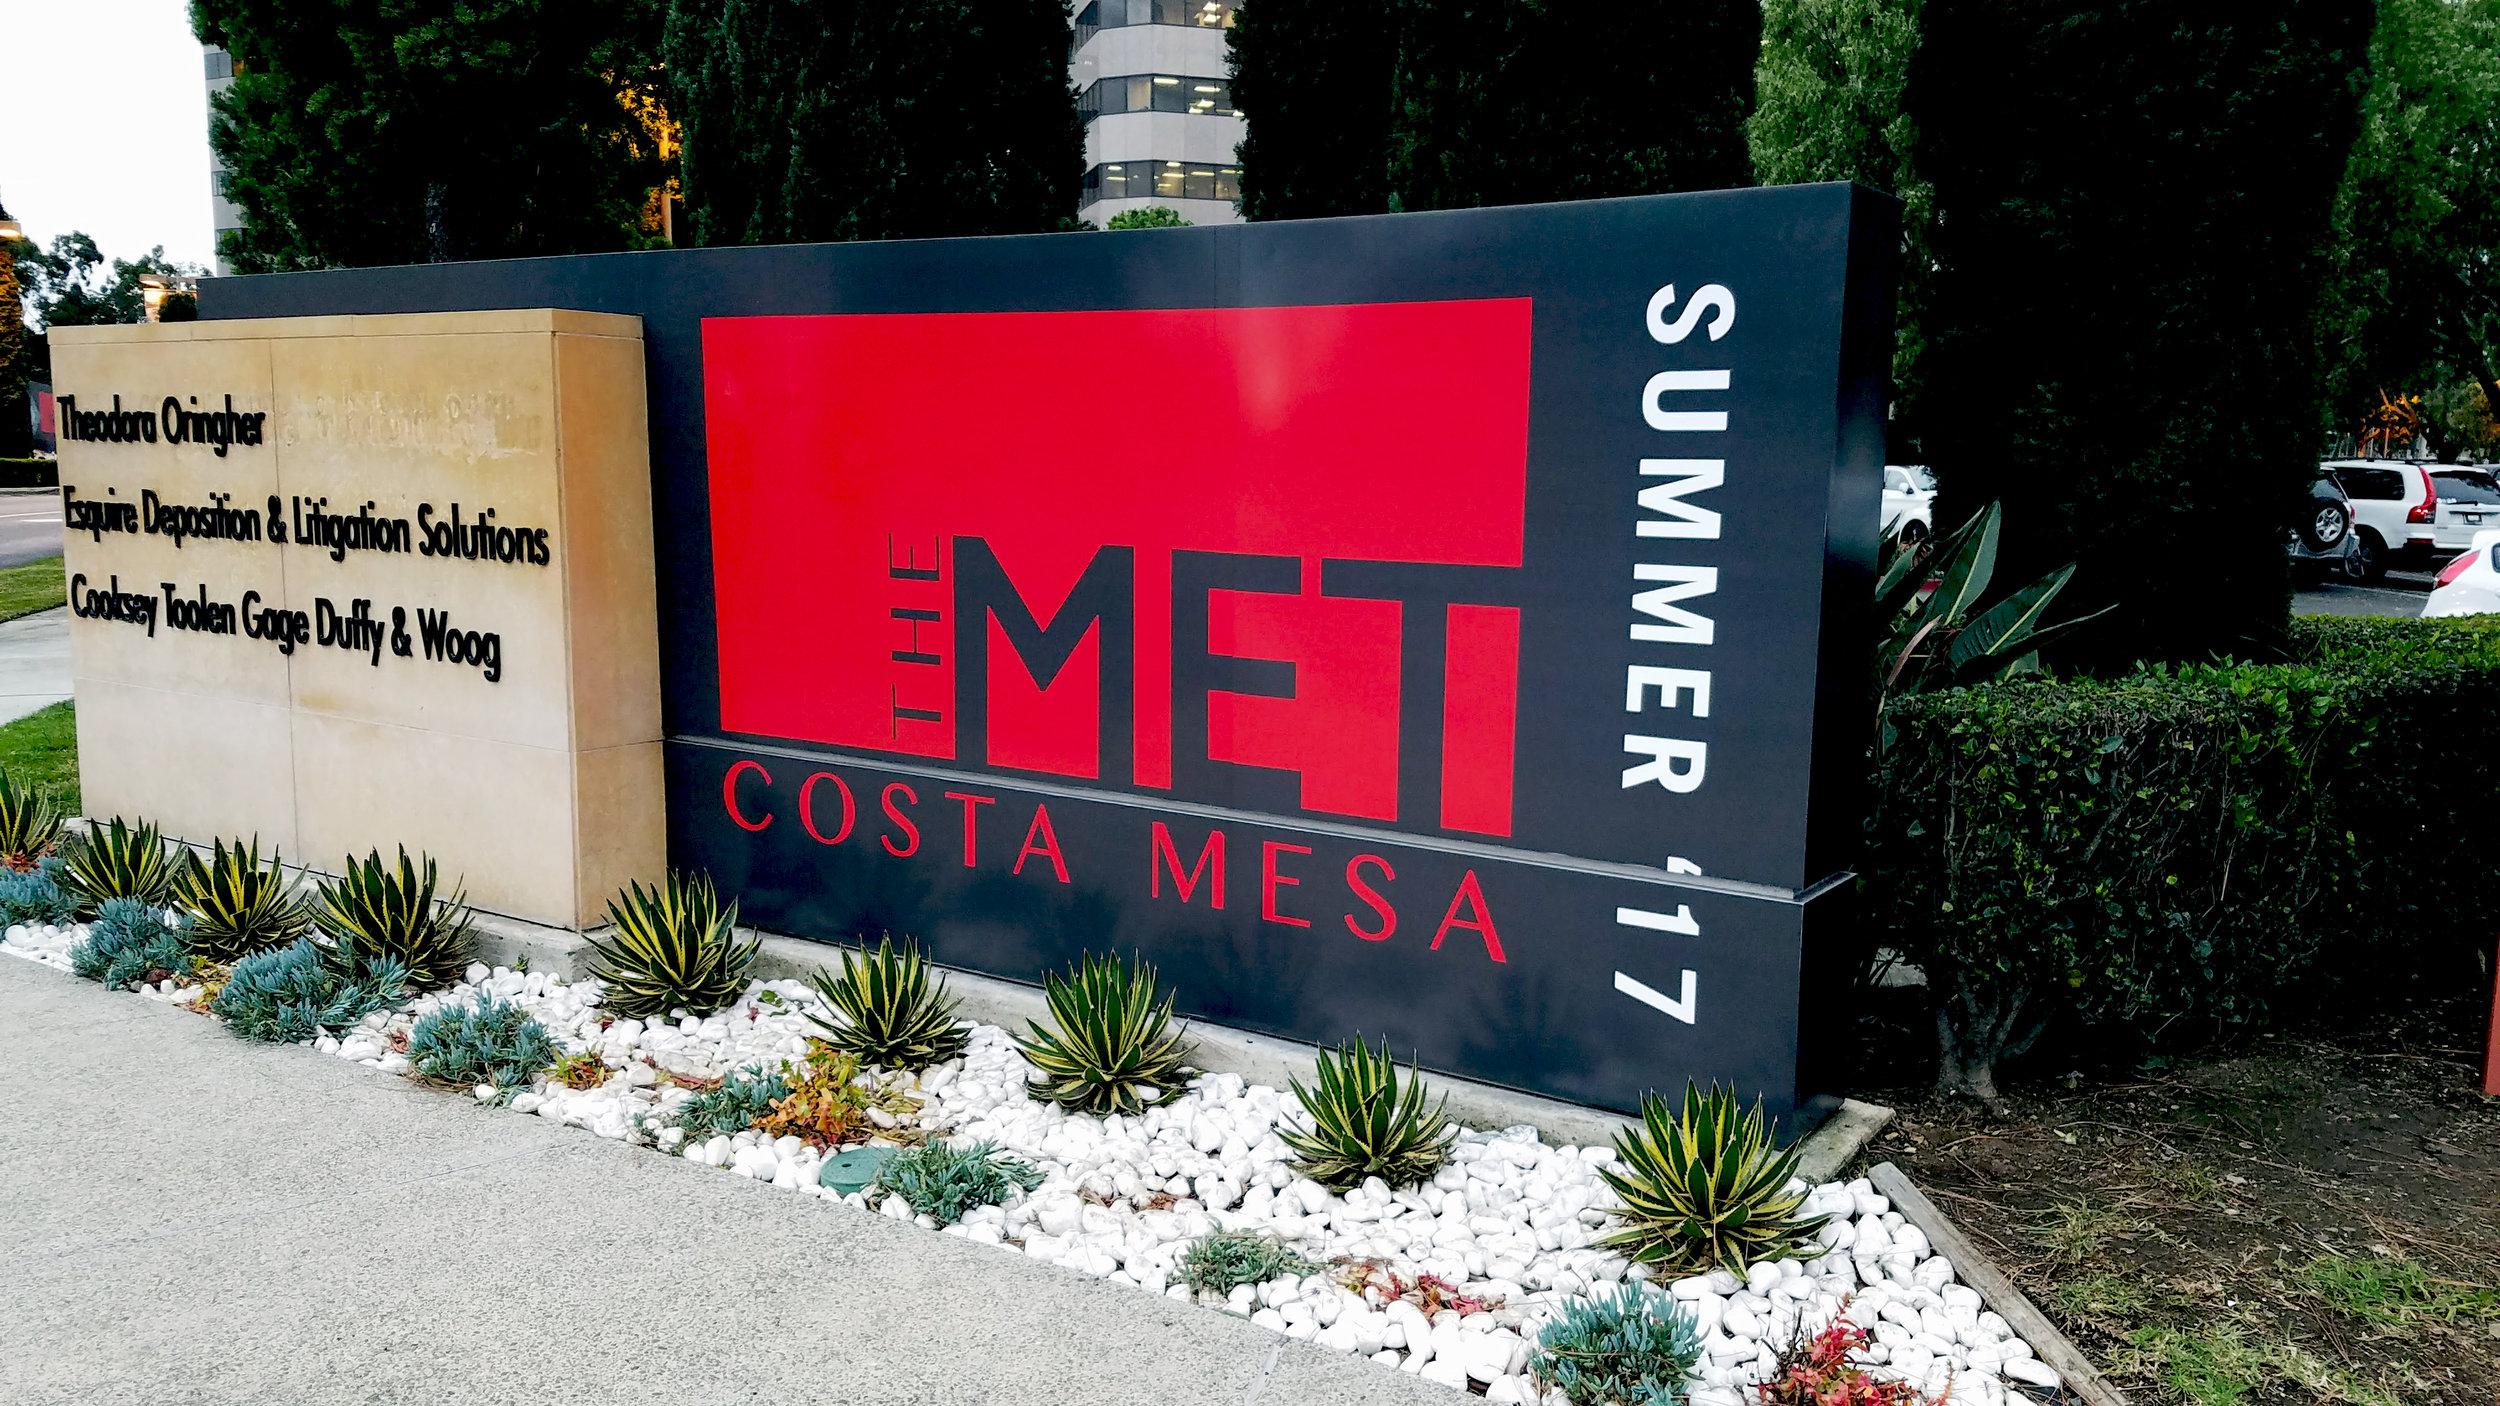 The MET Costa Mesa